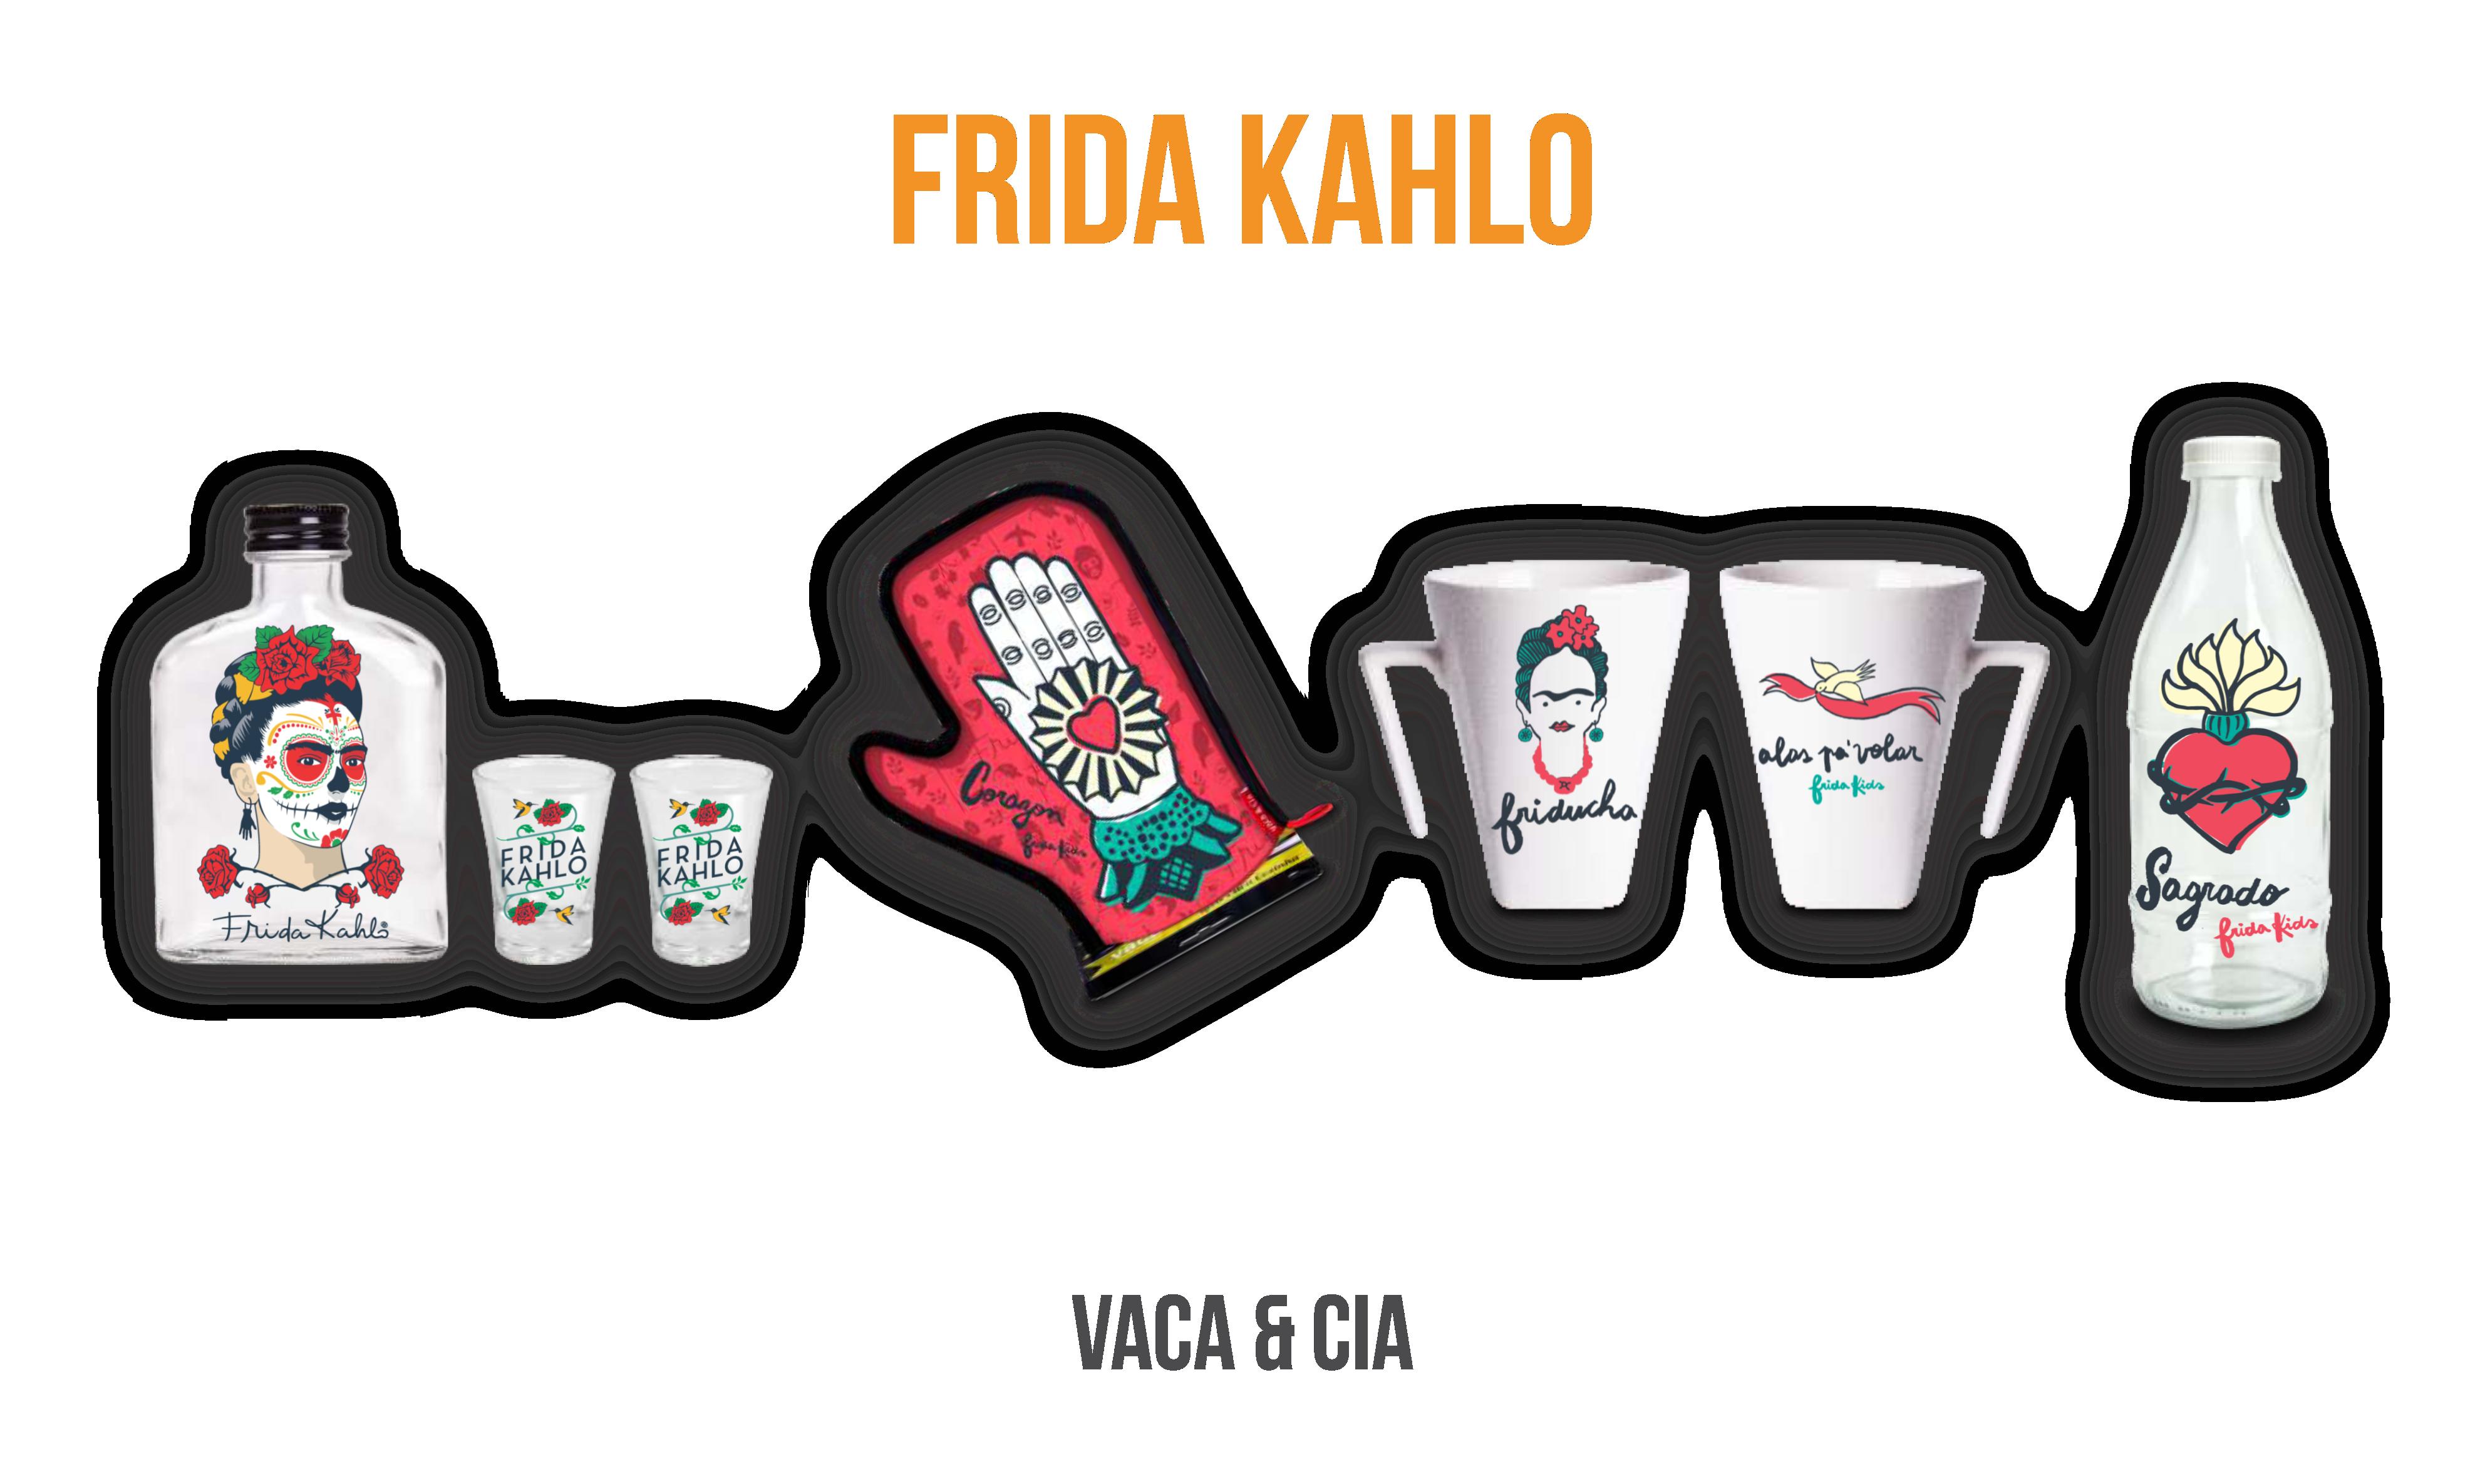 FRIDA KAHLO4